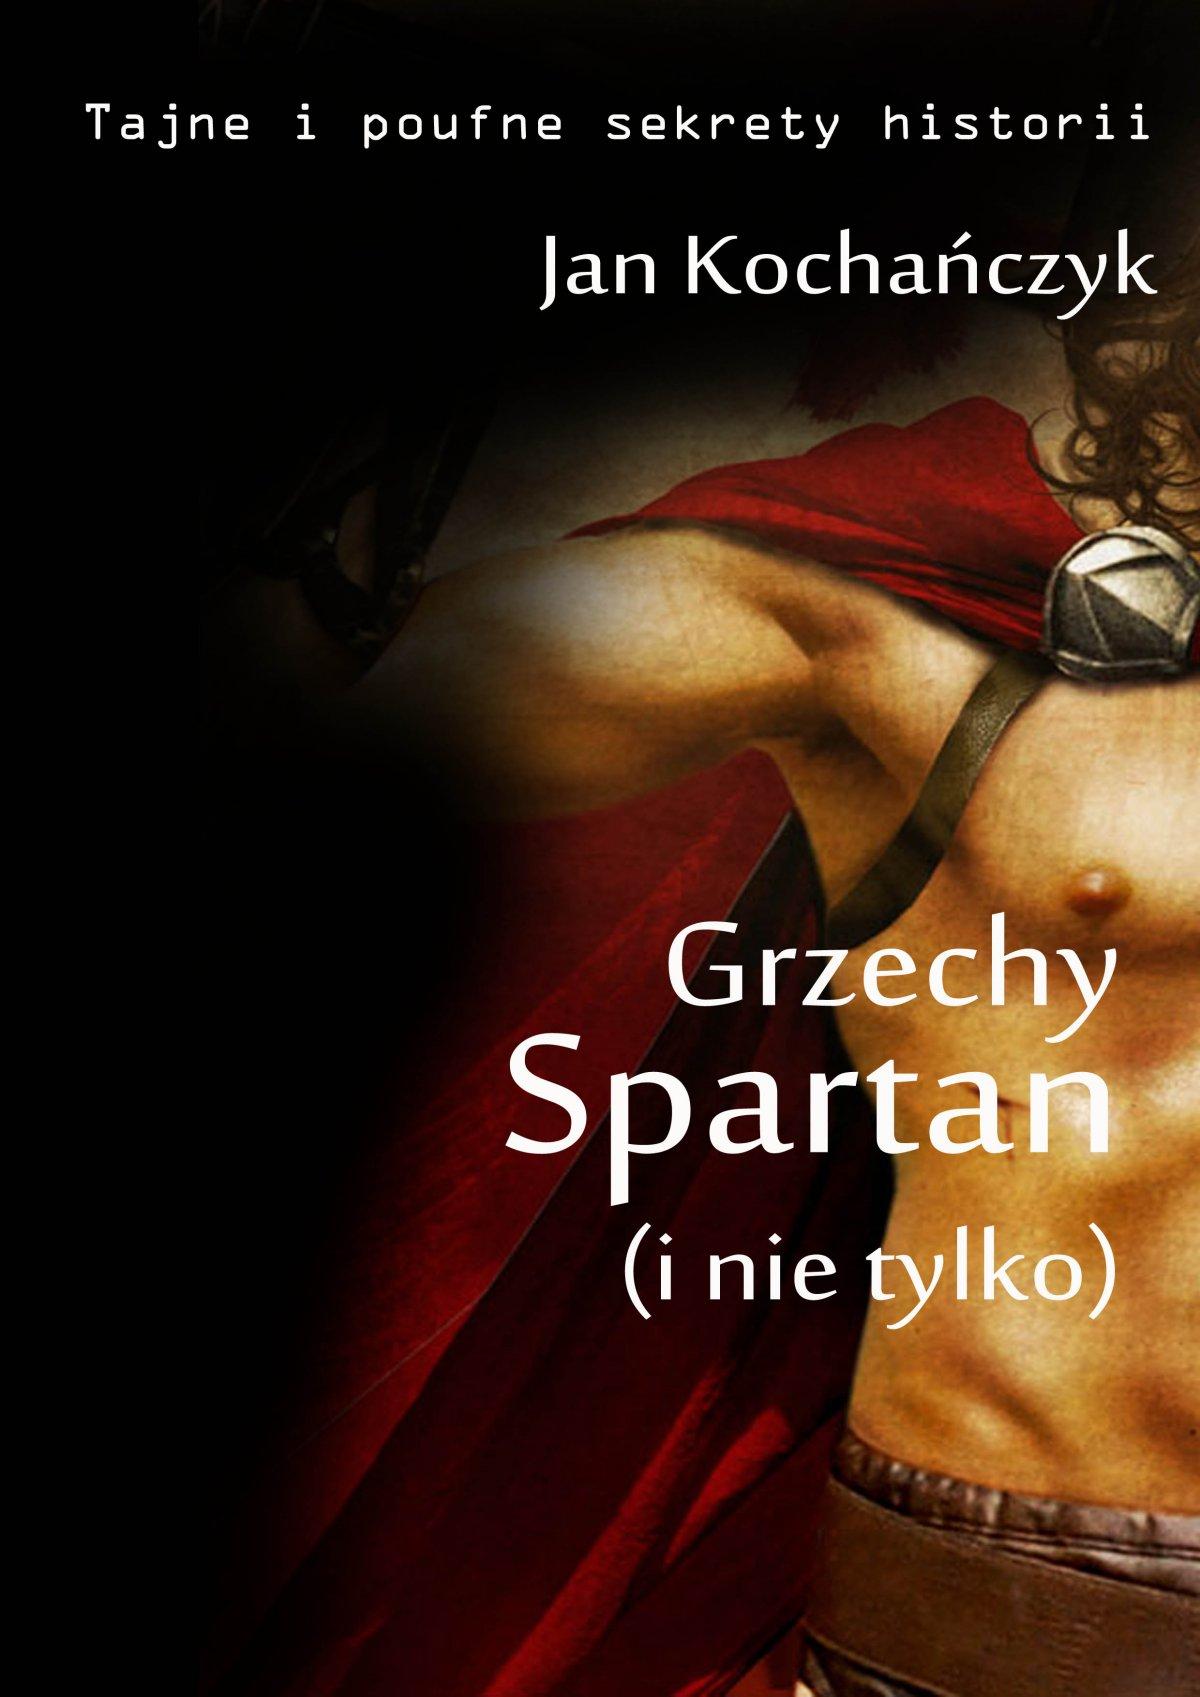 Grzechy Spartan (i nie tylko) - Ebook (Książka EPUB) do pobrania w formacie EPUB